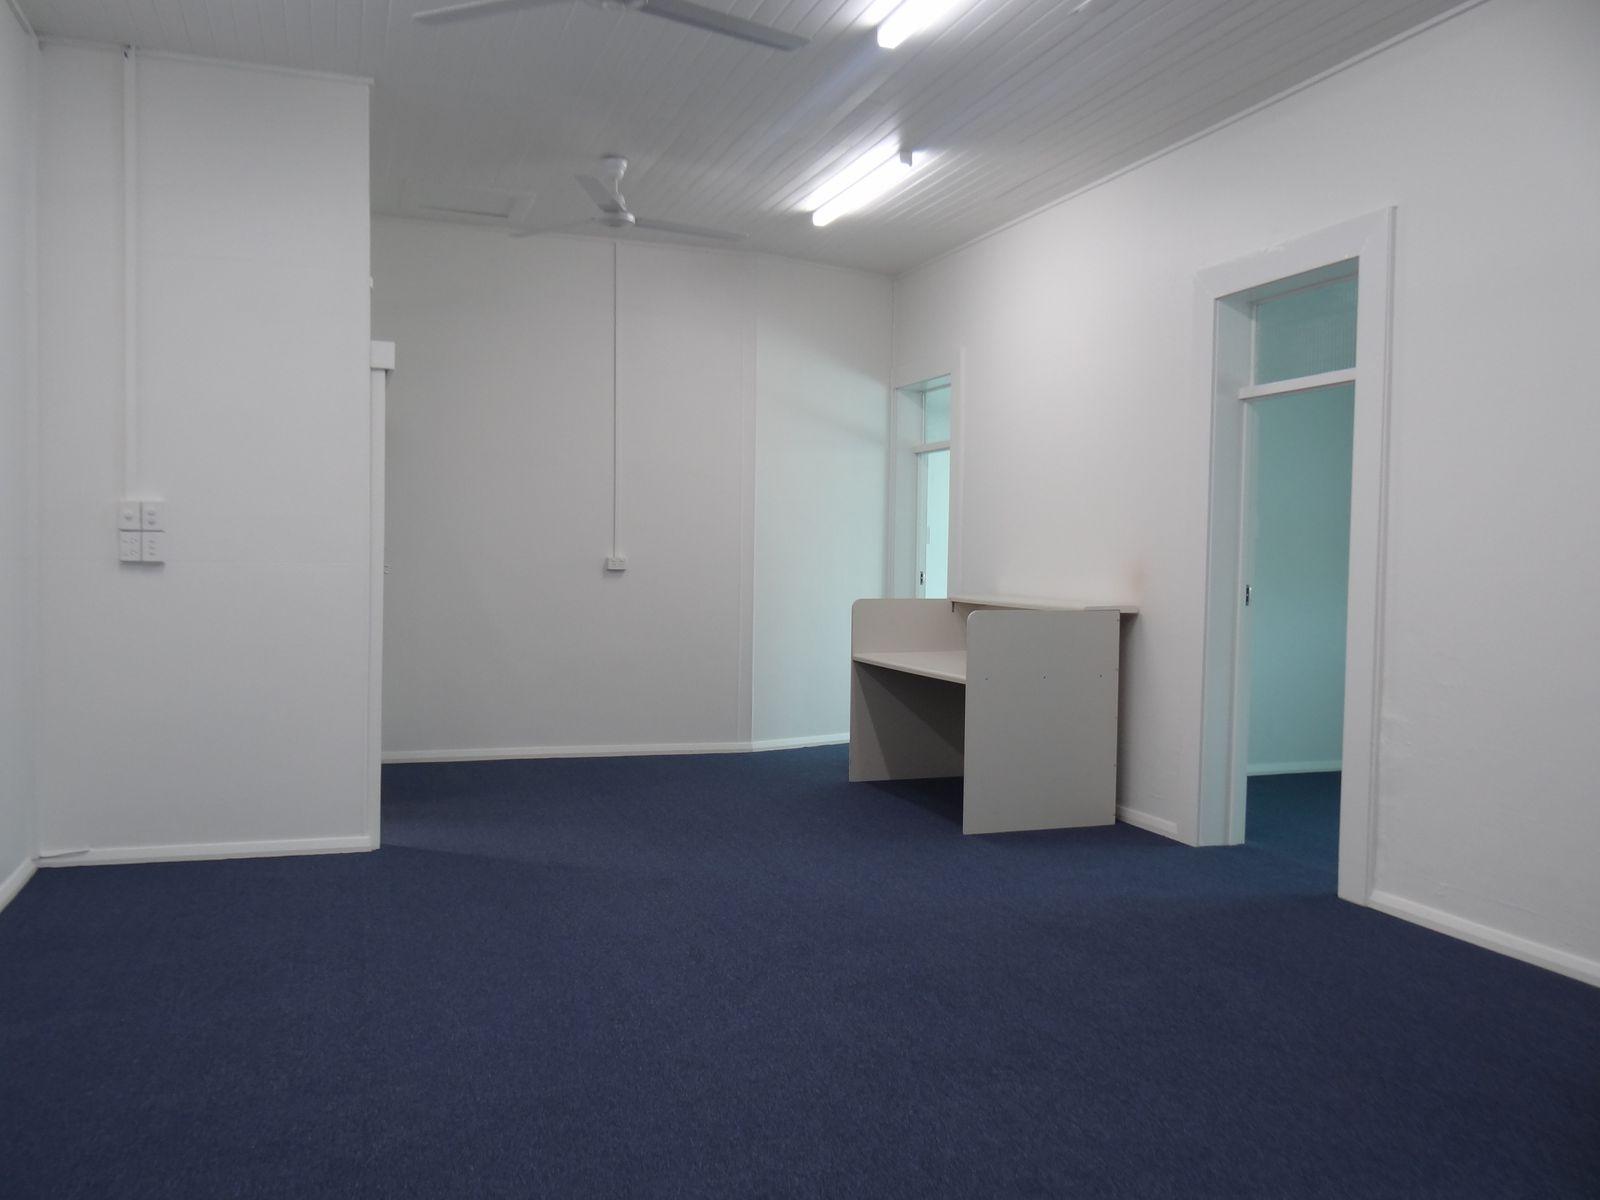 2/50 Edith Street, Innisfail, QLD 4860